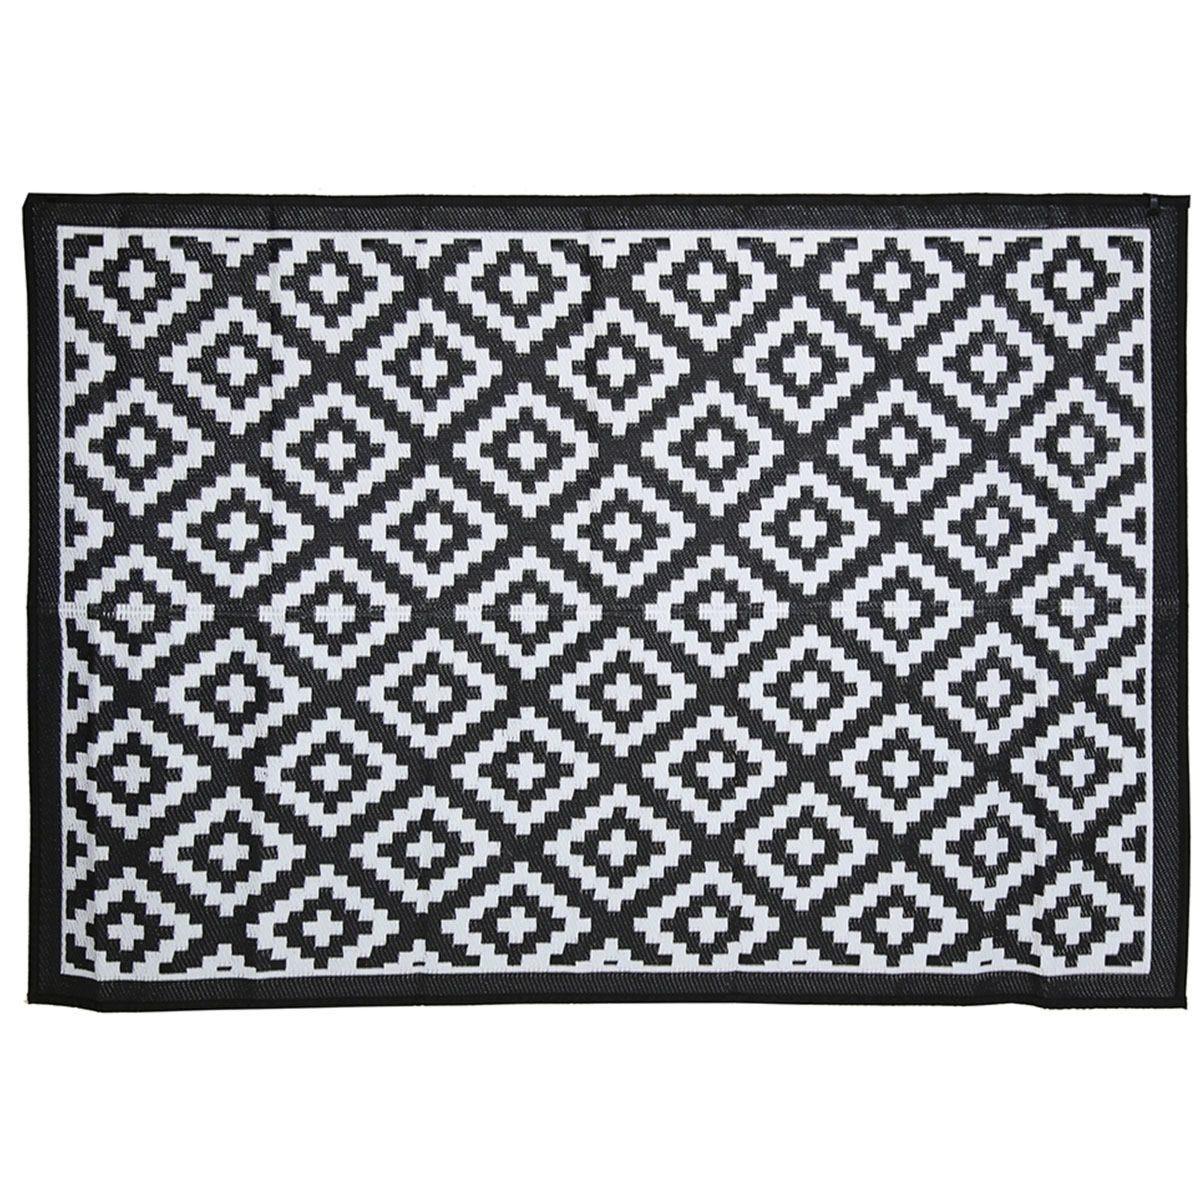 Charles Bentley Plastic Indoor/Outdoor Rug Large - Black